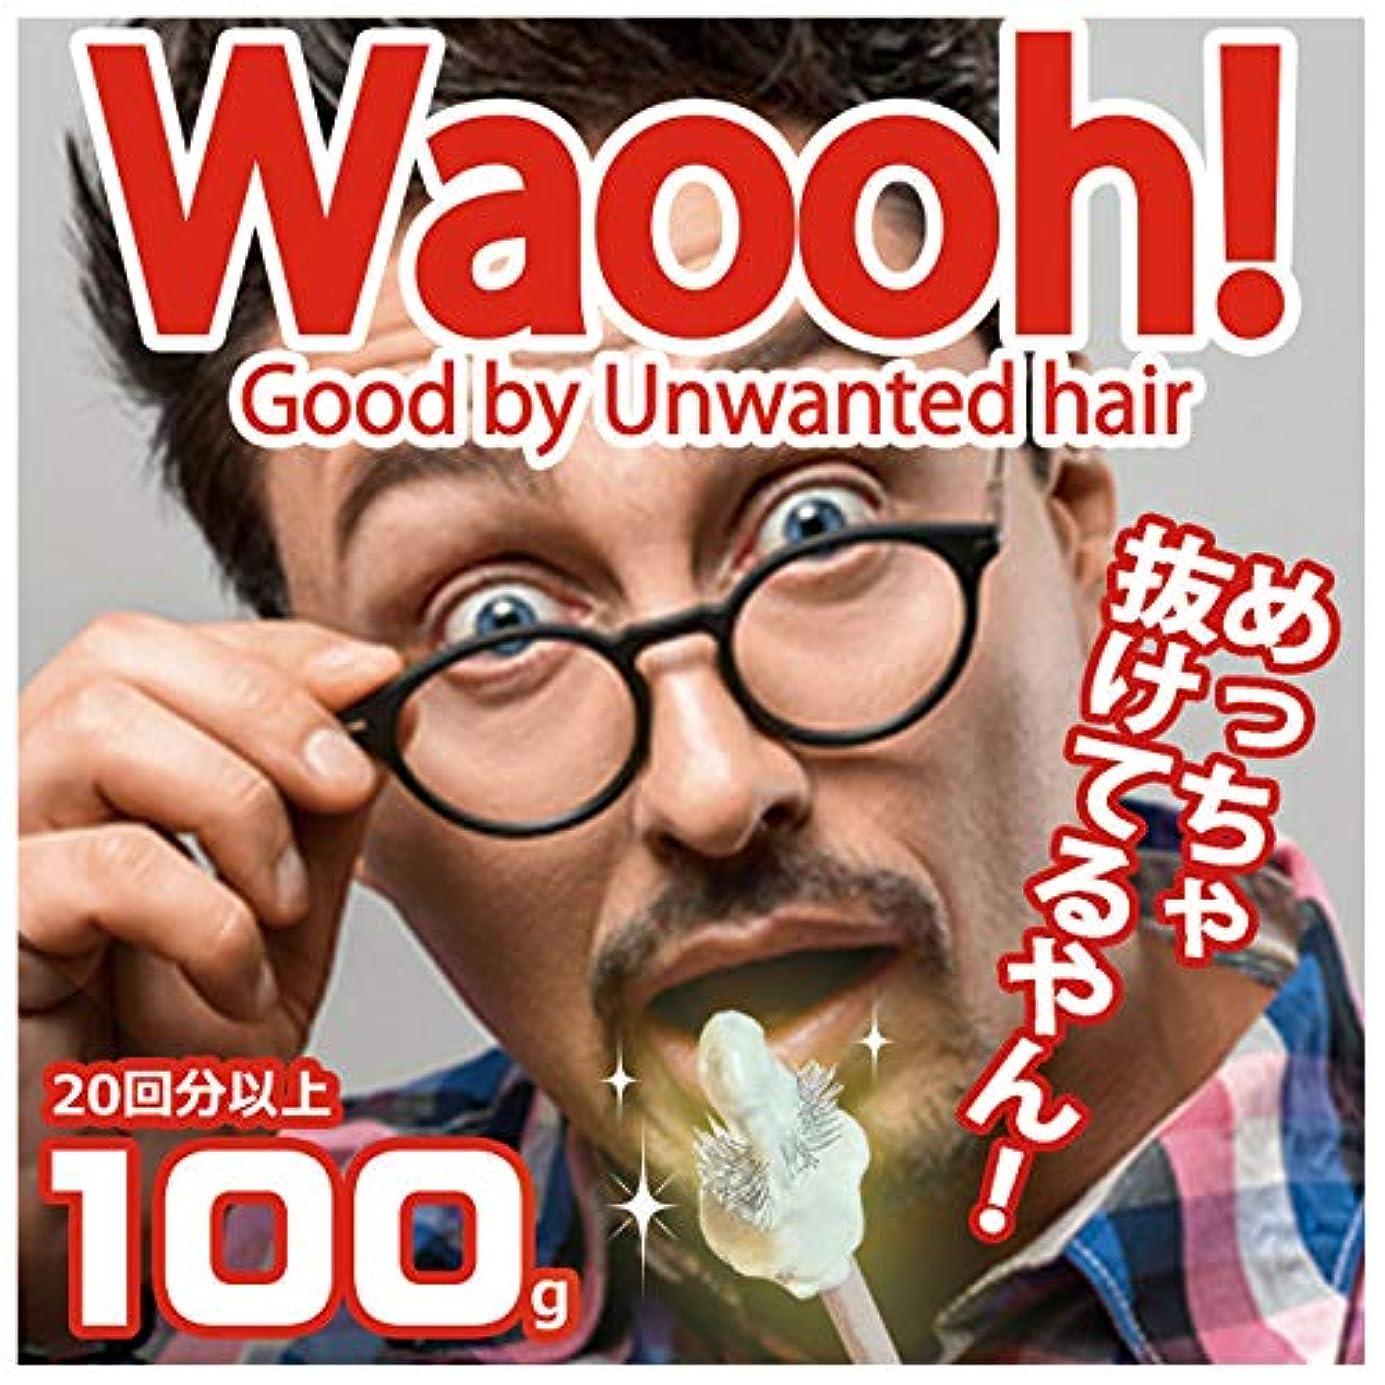 [Waooh]鼻毛 脱毛 ノーズワックス 鼻 ブラジリアン ワックス キット 男女兼用 (100g 20回分(????のみ))